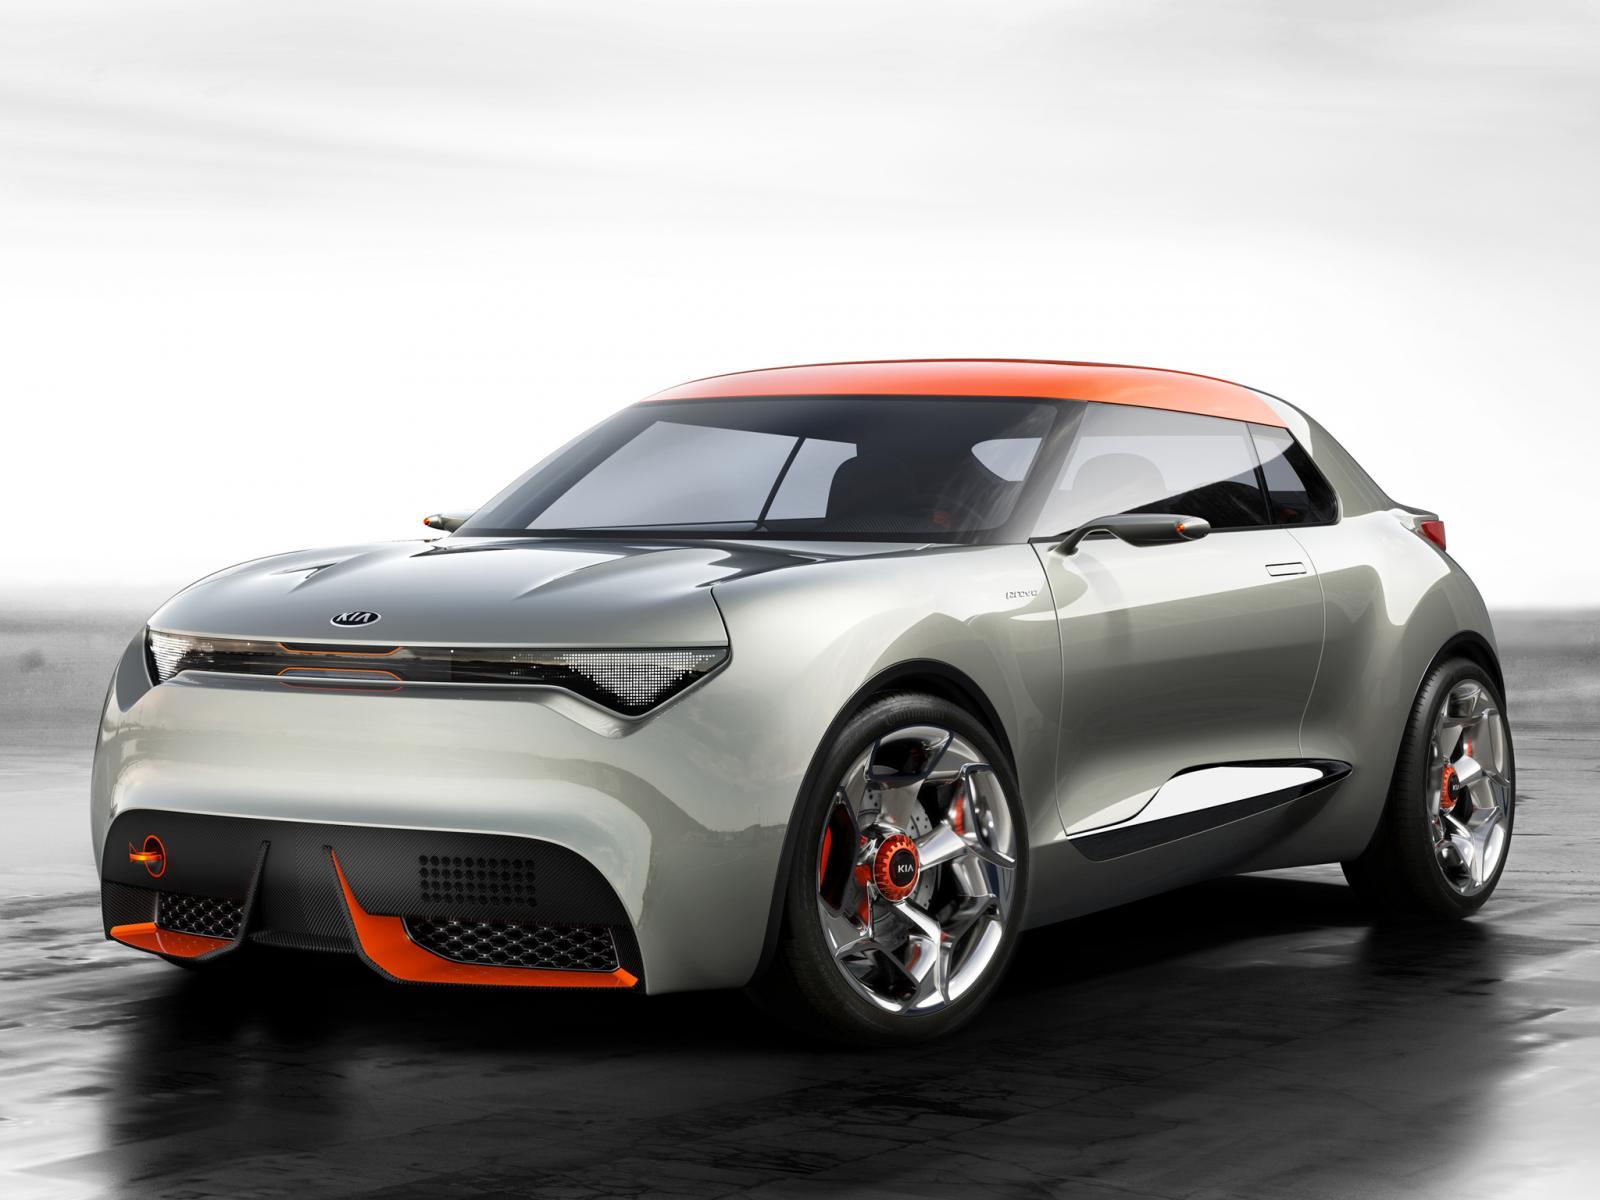 hight resolution of 2013 kia provo concept 2013 kia provo concept